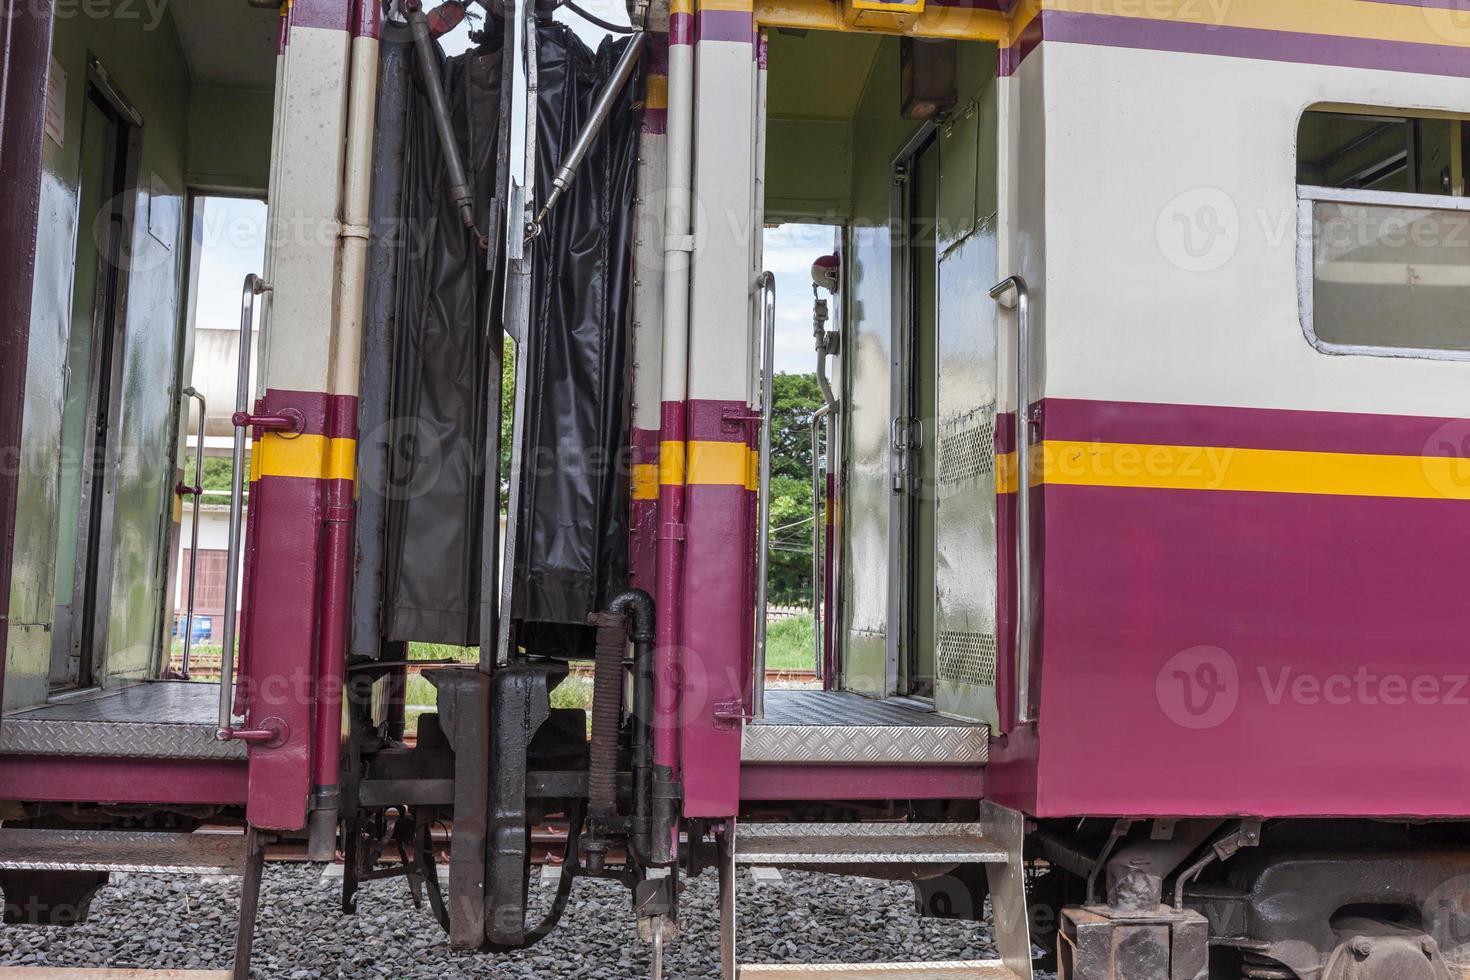 transport en train à la gare photo